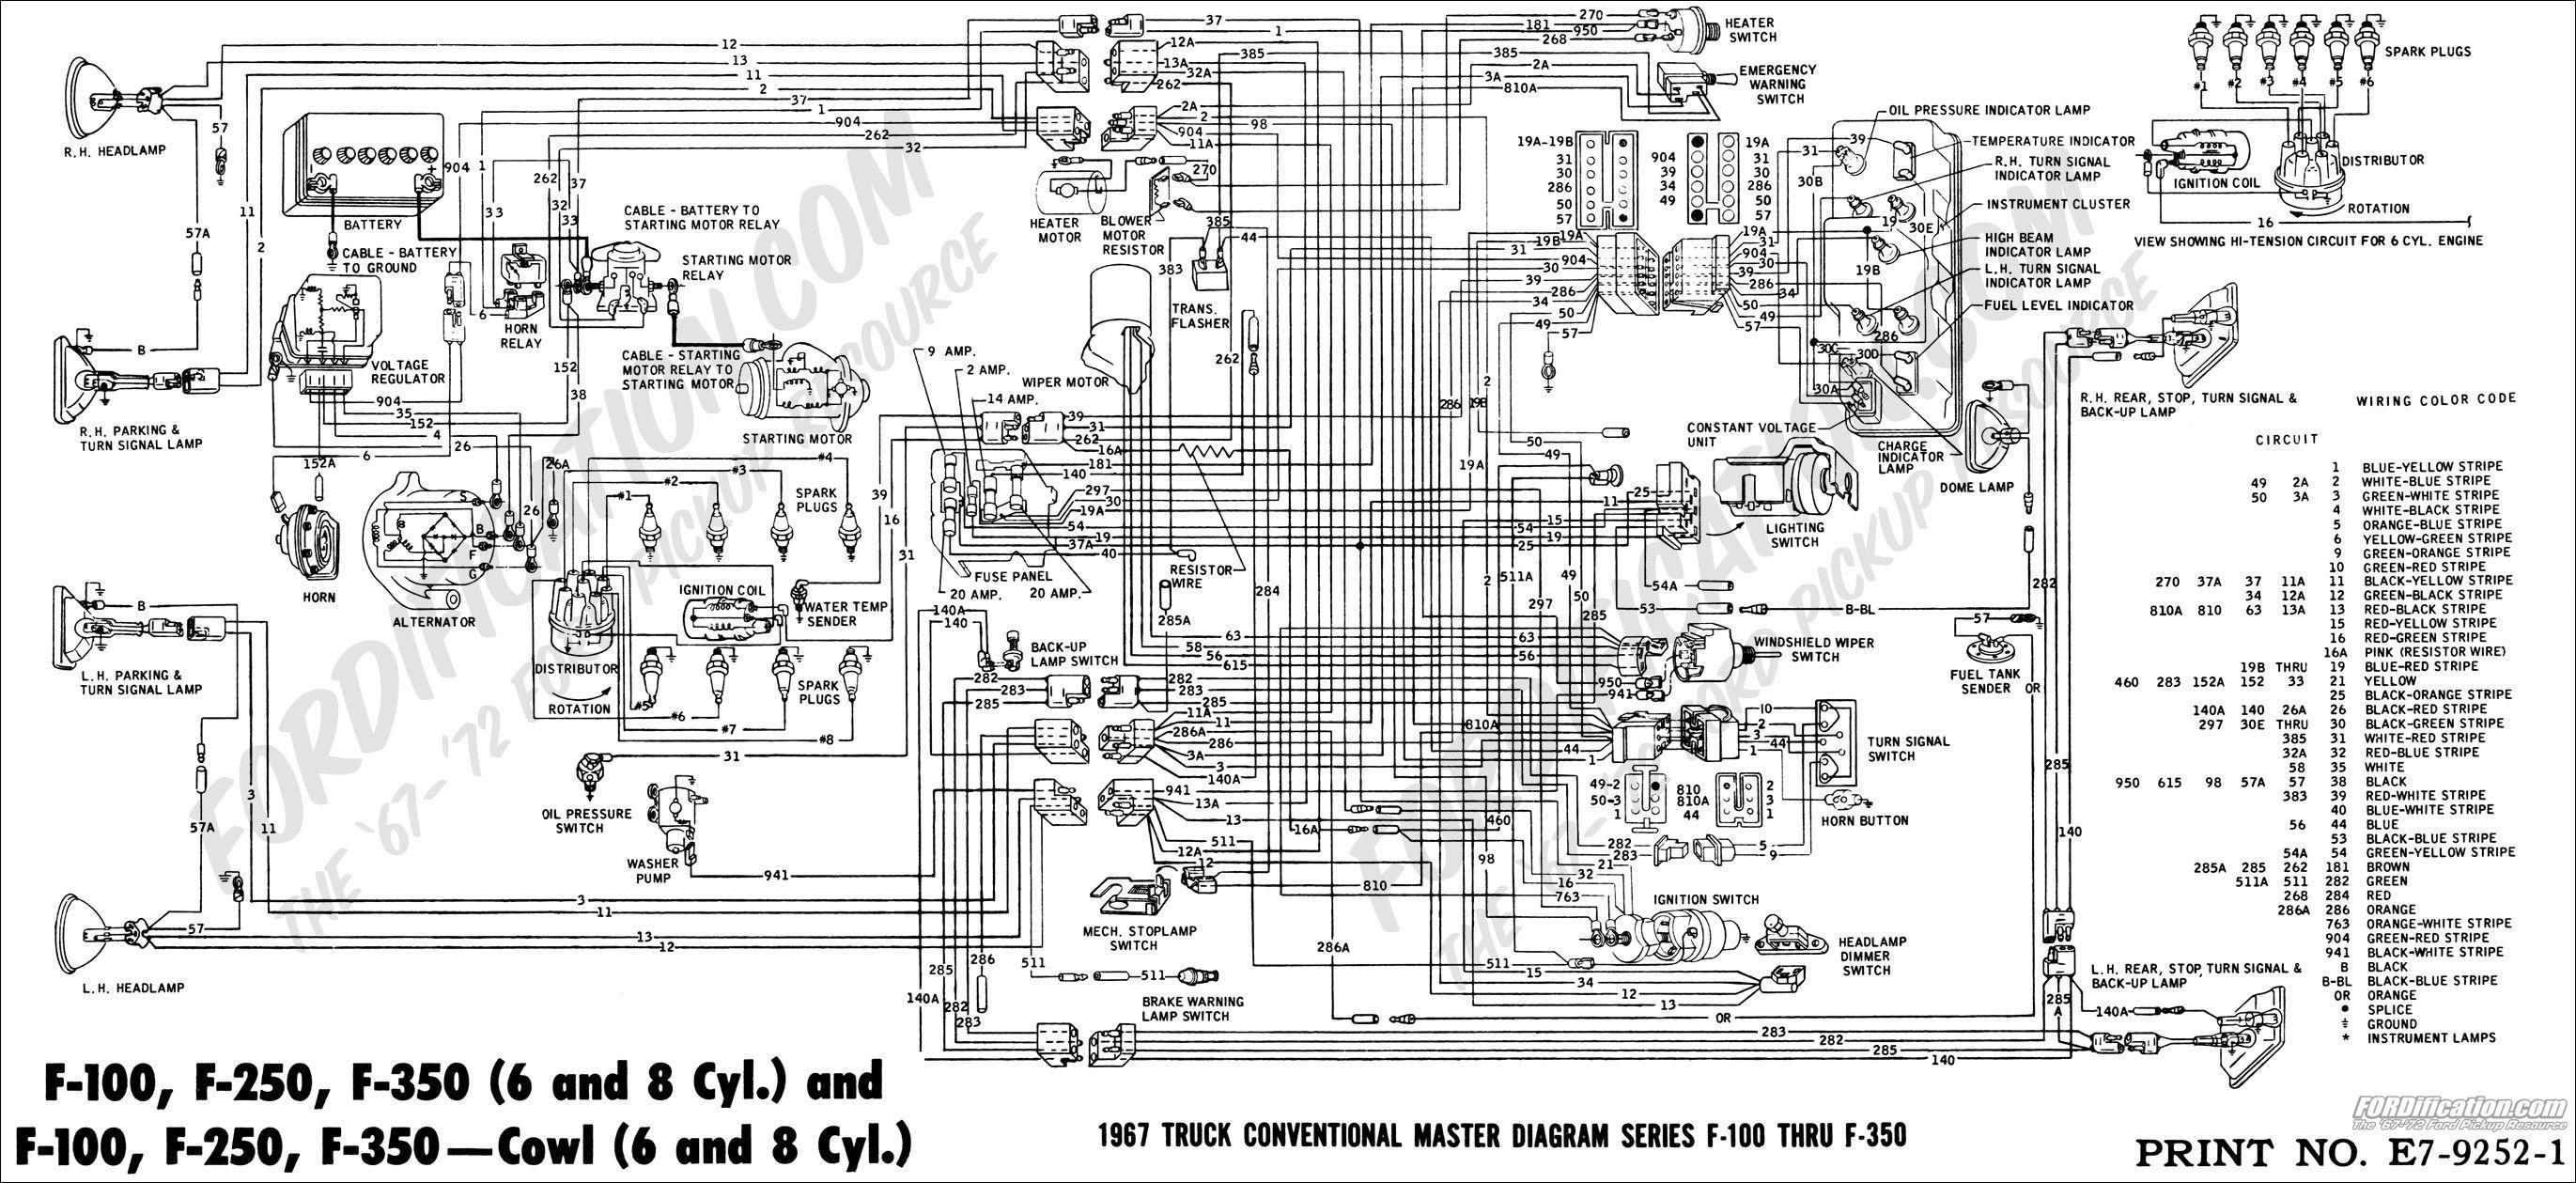 2003 ford ranger engine diagram in 2021 | ford ranger, ford f150, f150  pinterest